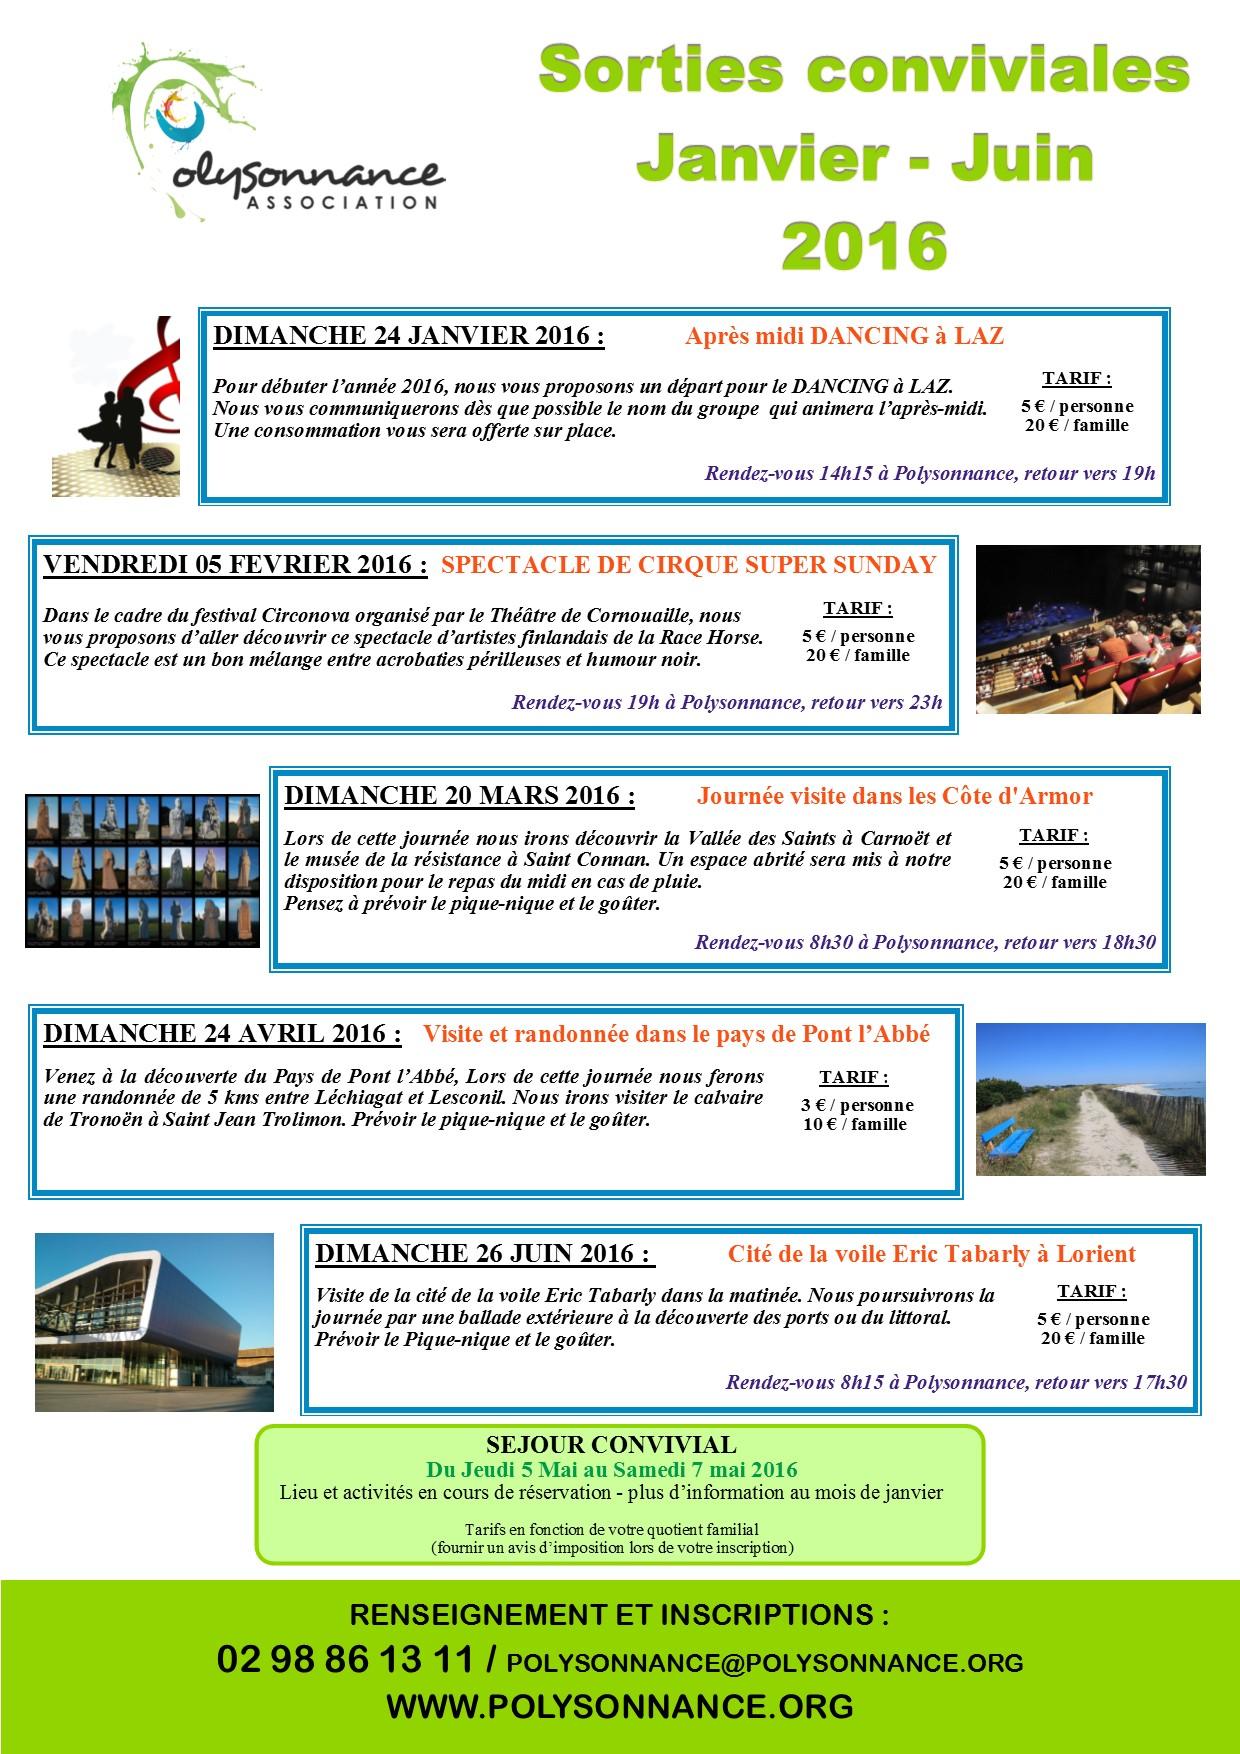 PROGRAMME DES SORTIES CONVIVIALES DE JANVIER A JUIN 2016